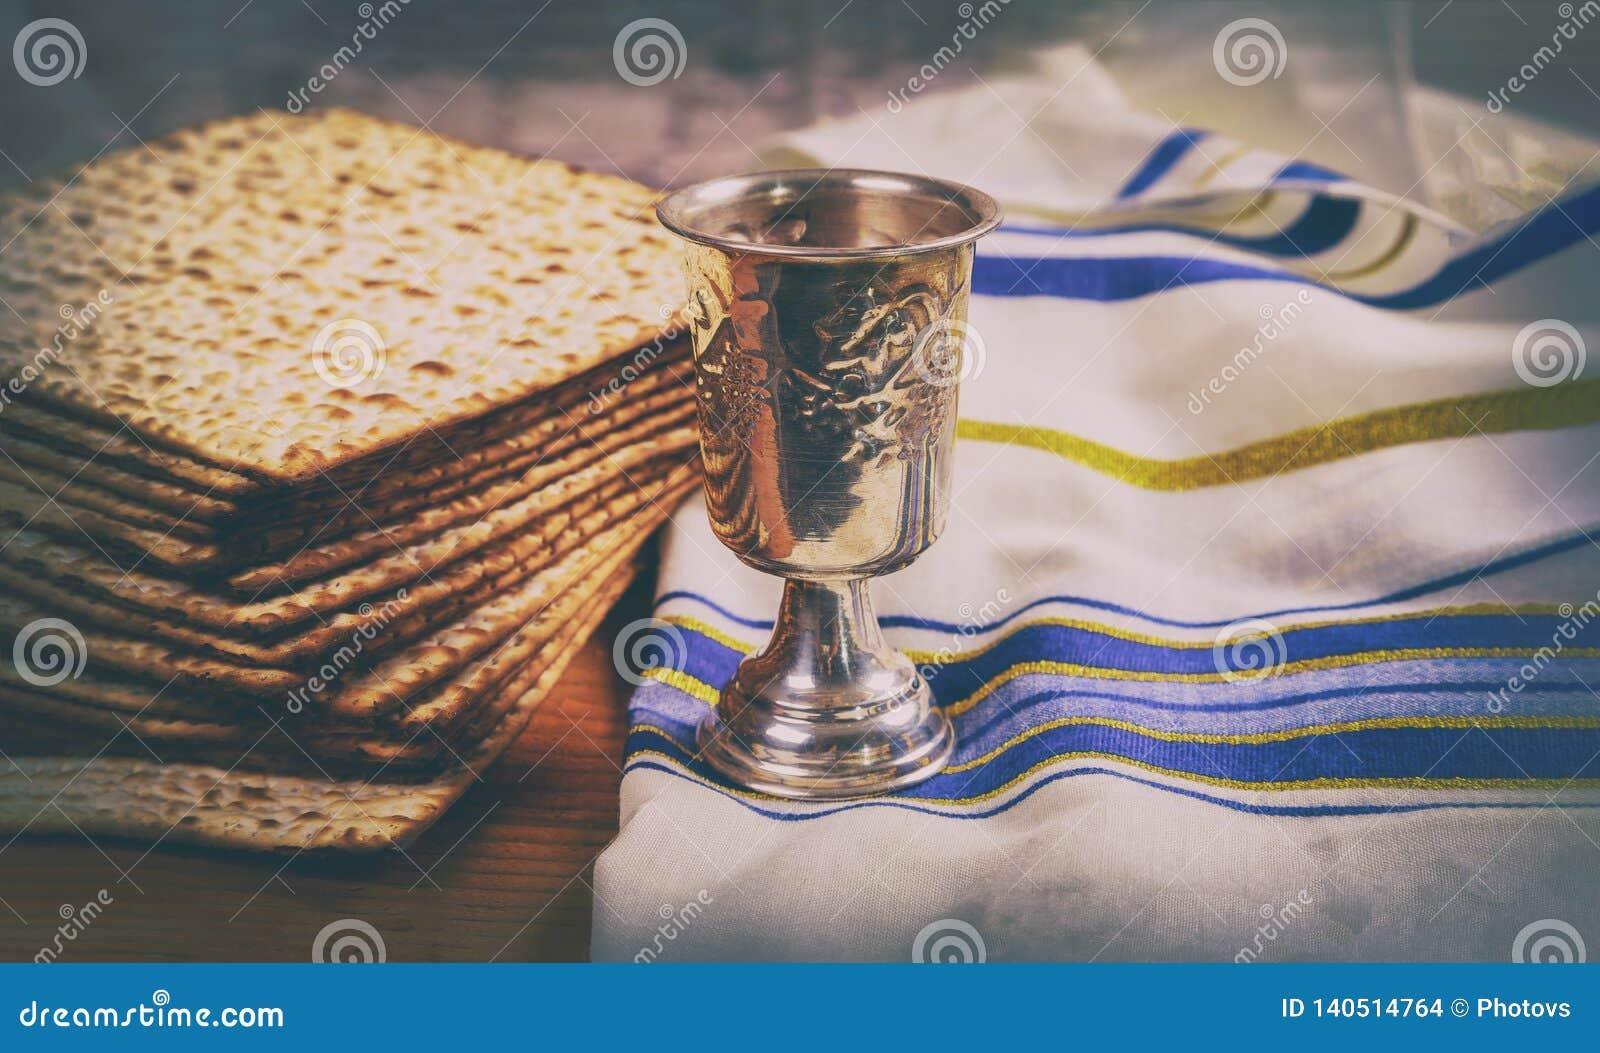 Tablero de madera del pan judío del día de fiesta del vino y del matzoh de la pascua judía